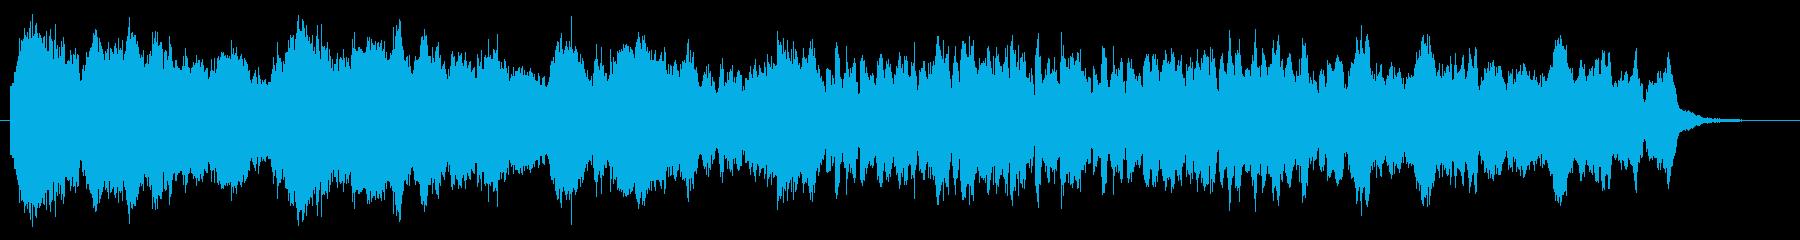 ストリングス・情緒的、感動的なシーンにの再生済みの波形